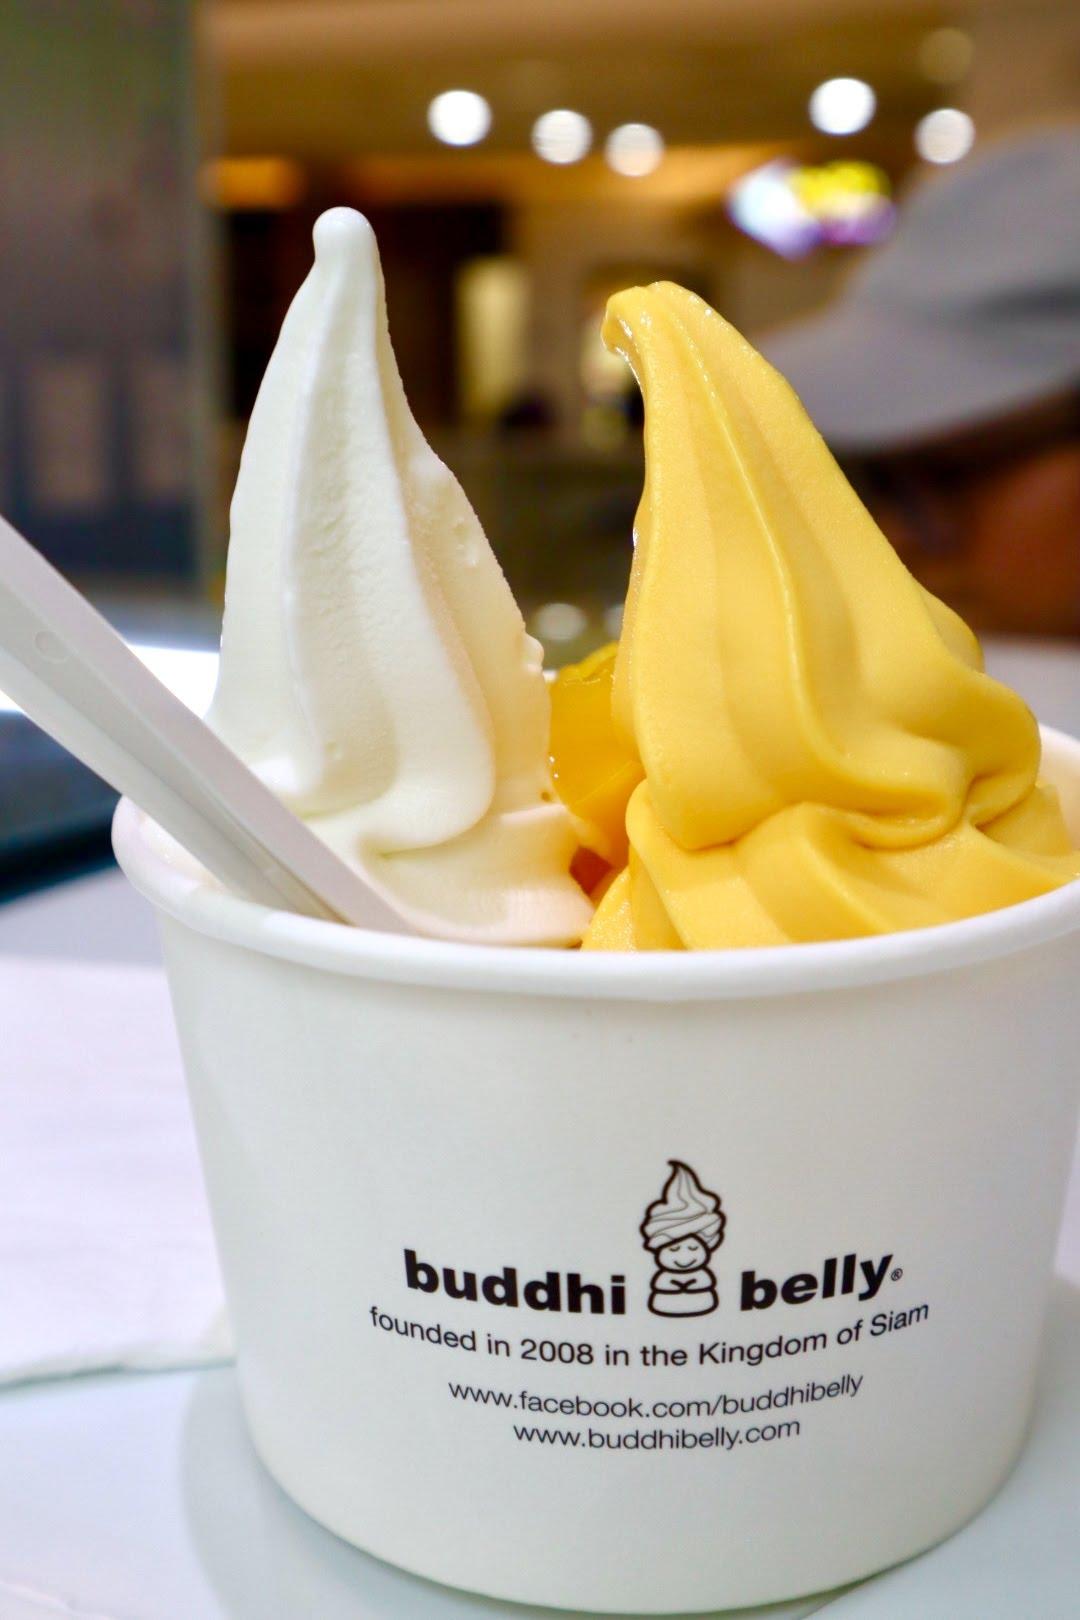 Buddhi belly(ブッディベリー)はアイスクリームよりヘルシー!